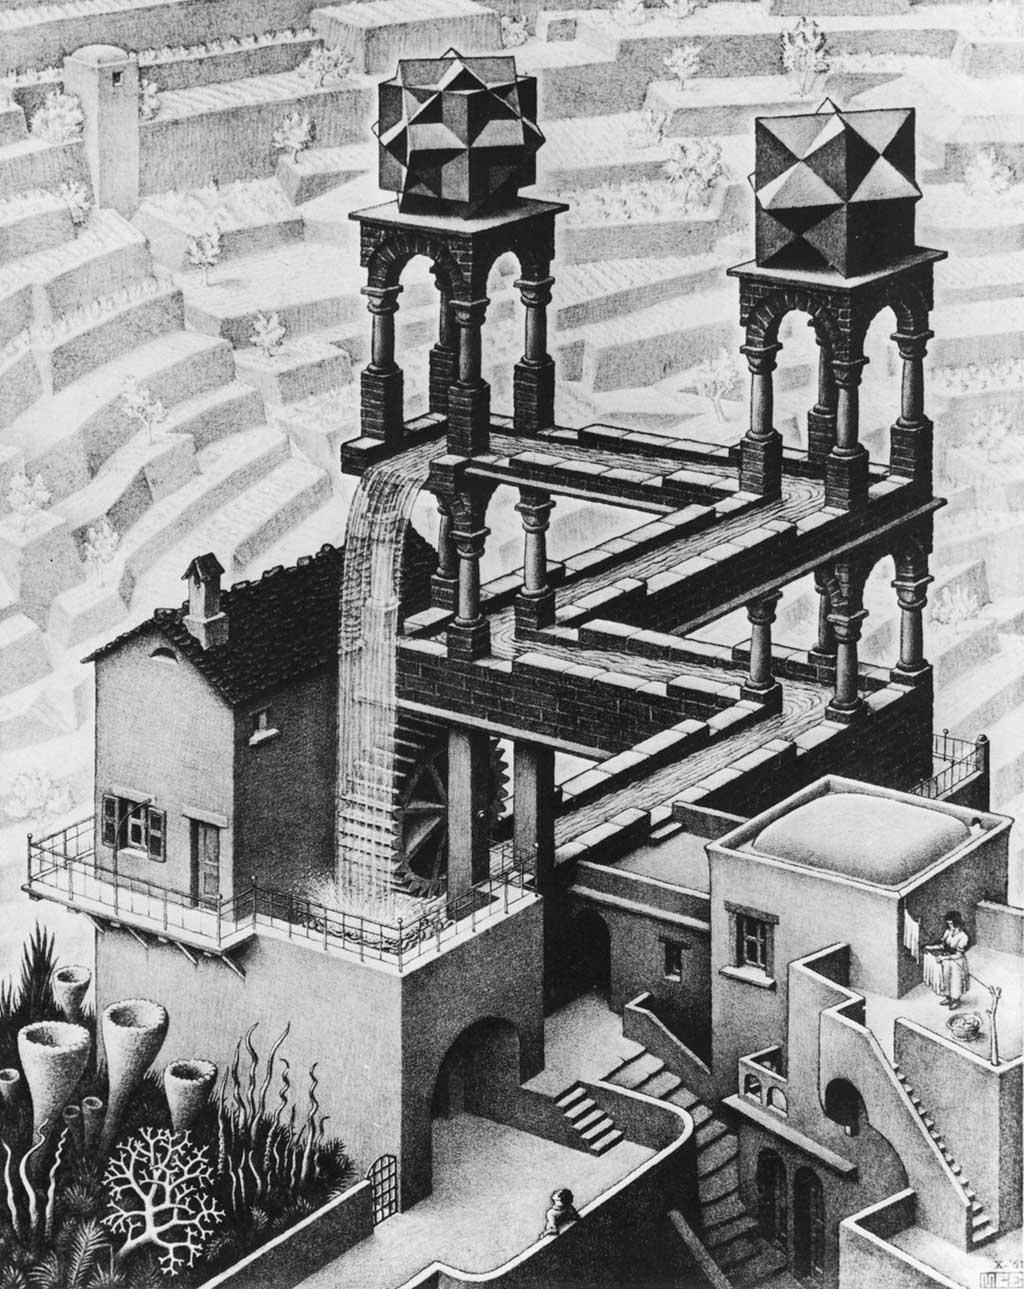 M.C. Escher Wasserfall (1961)